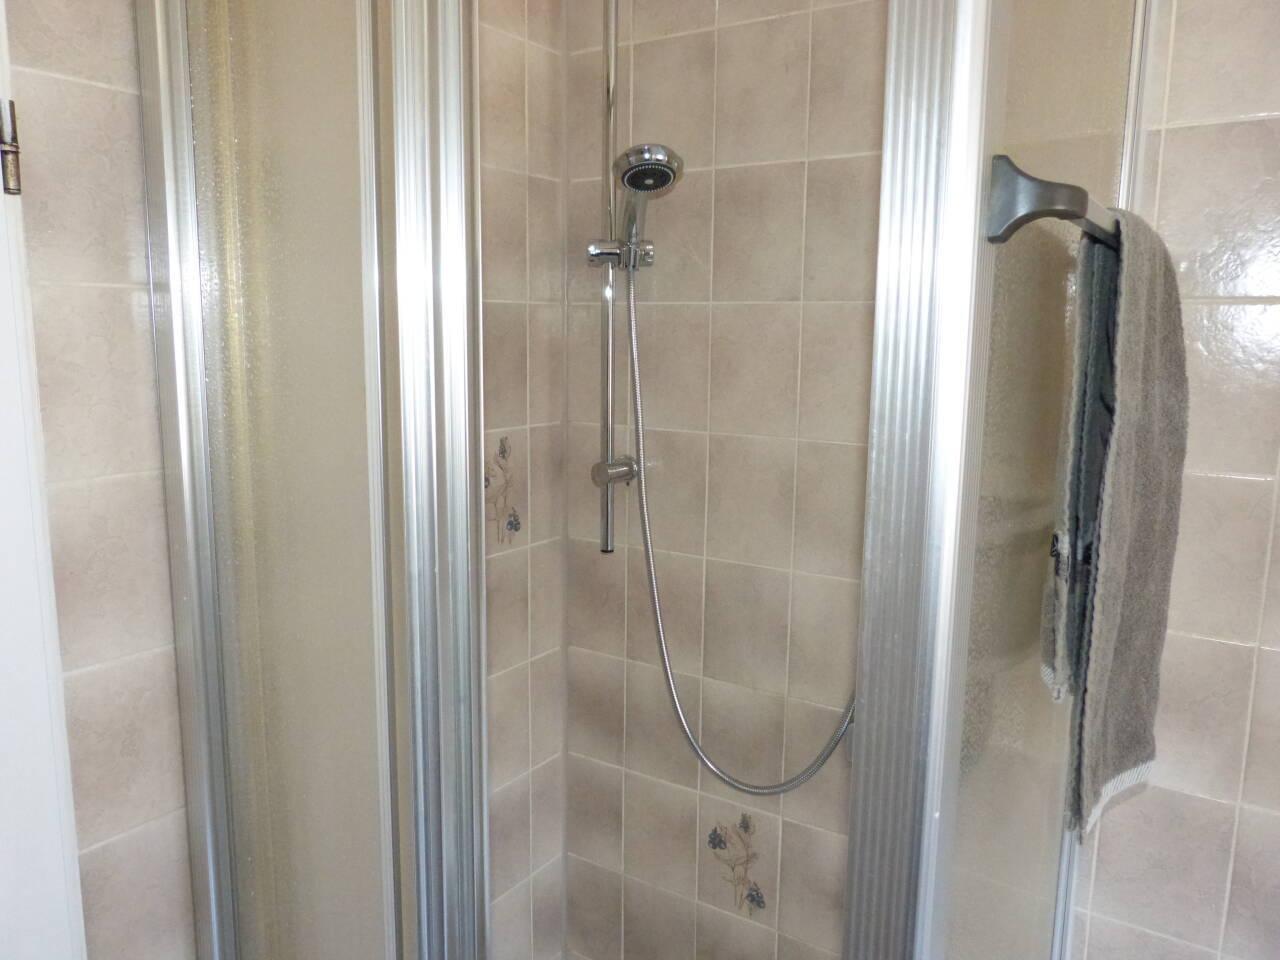 Auch die Duscharmaturen wurden erneuert.